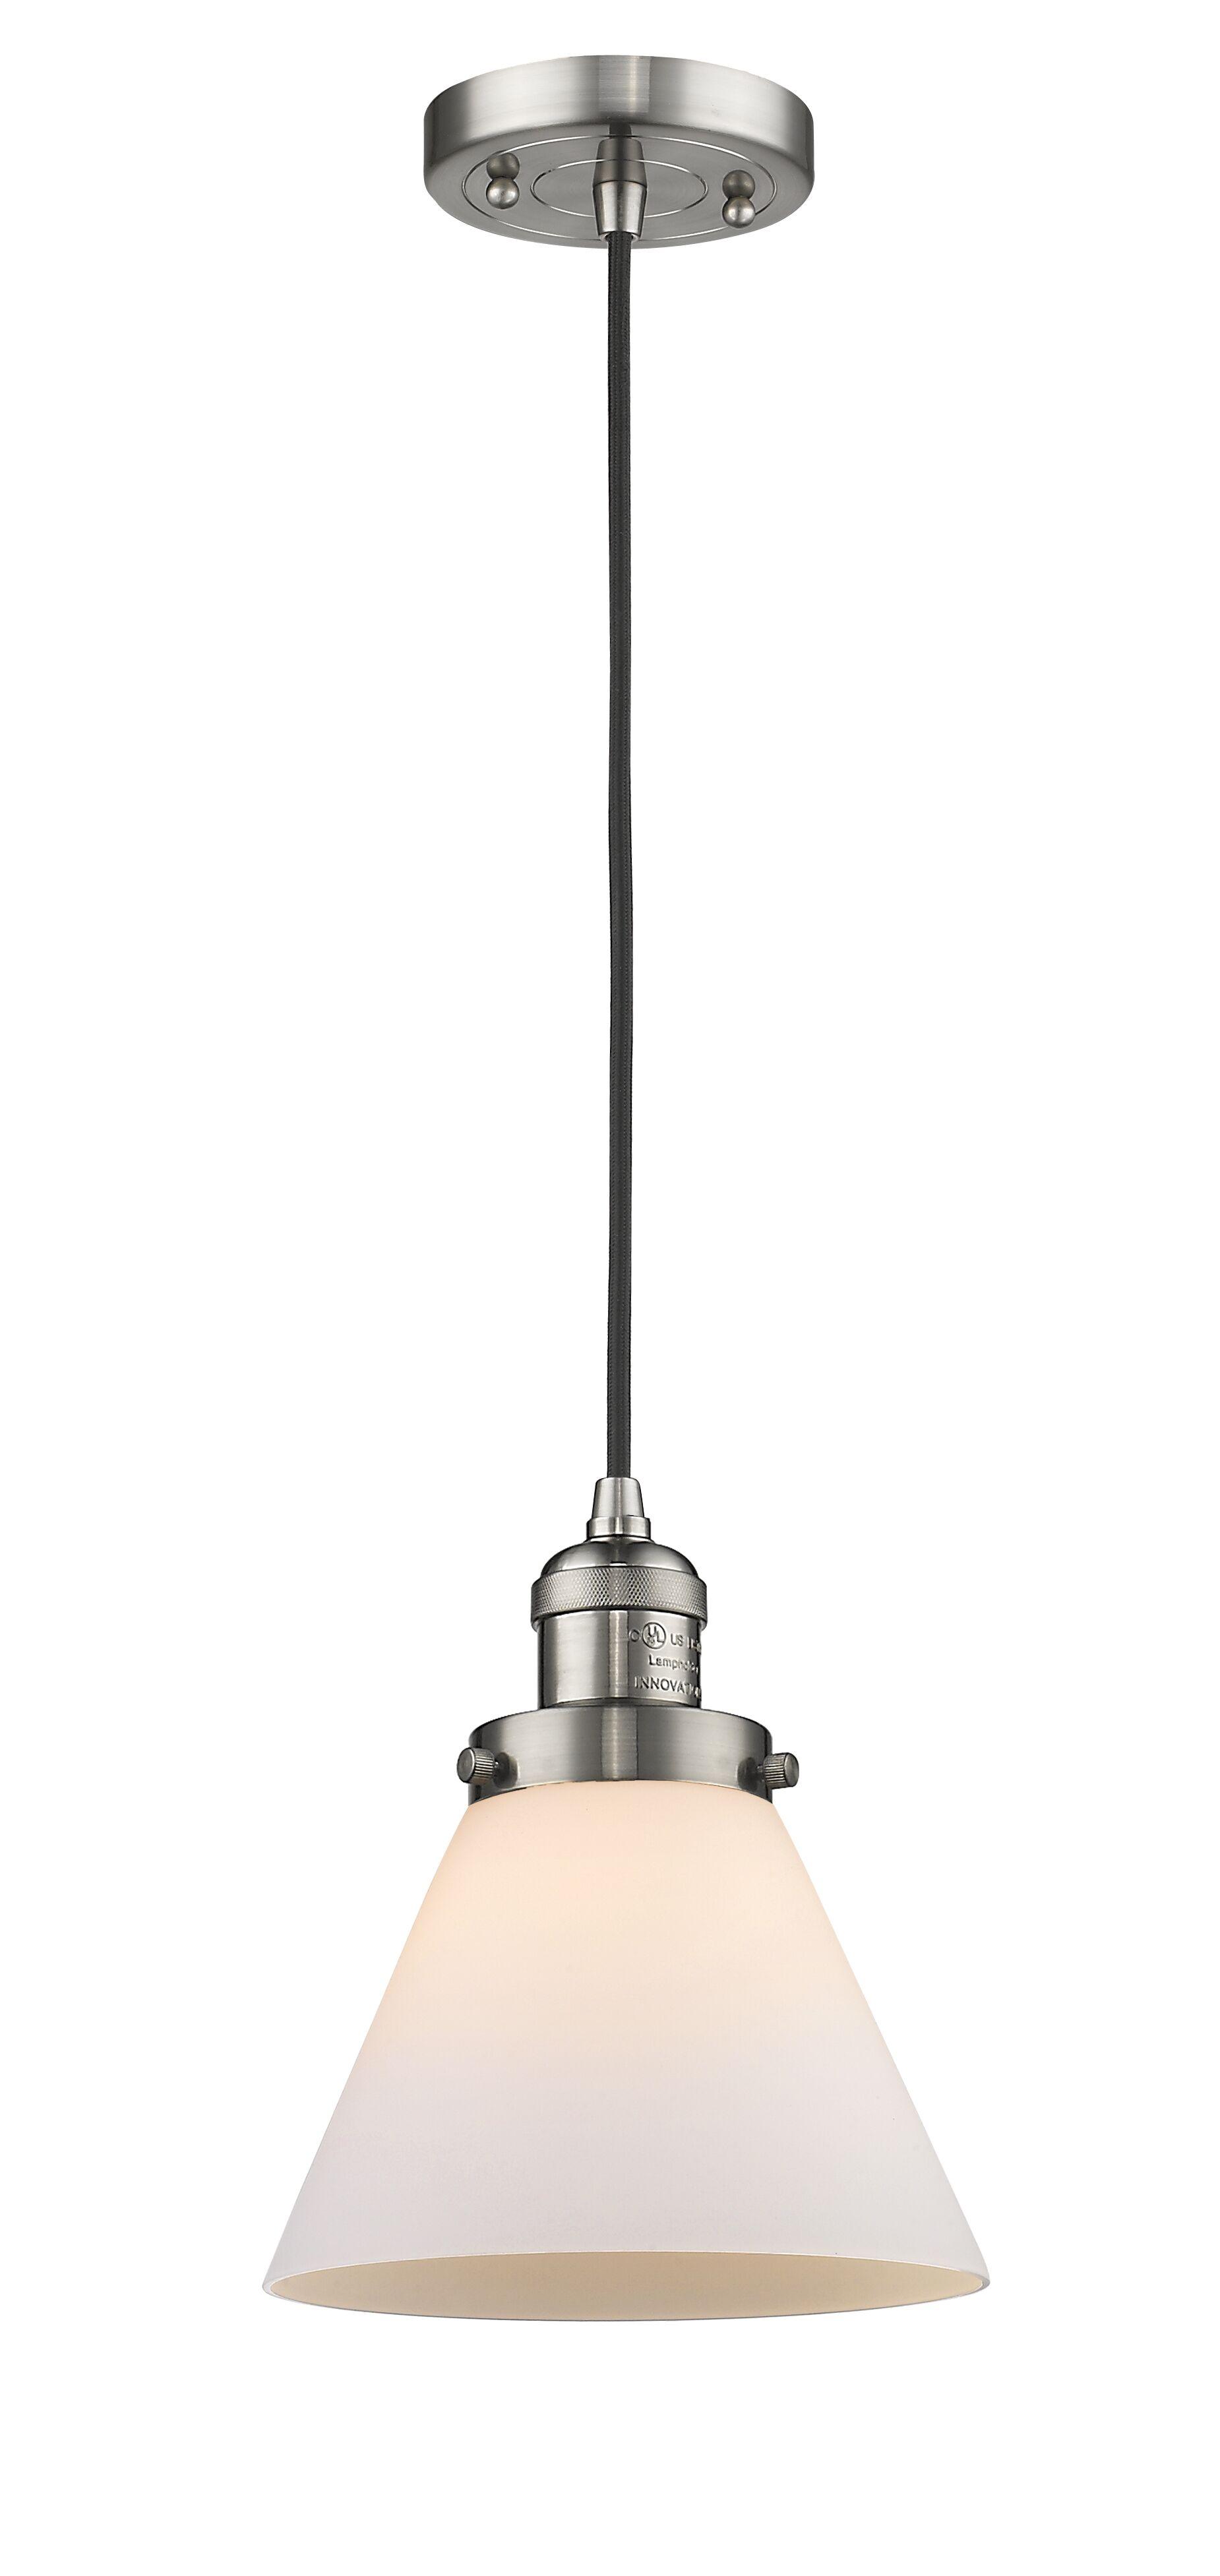 Pachna Glass Cone 1-Light Pendant Shade Color: Matte White Cased, Size: 10